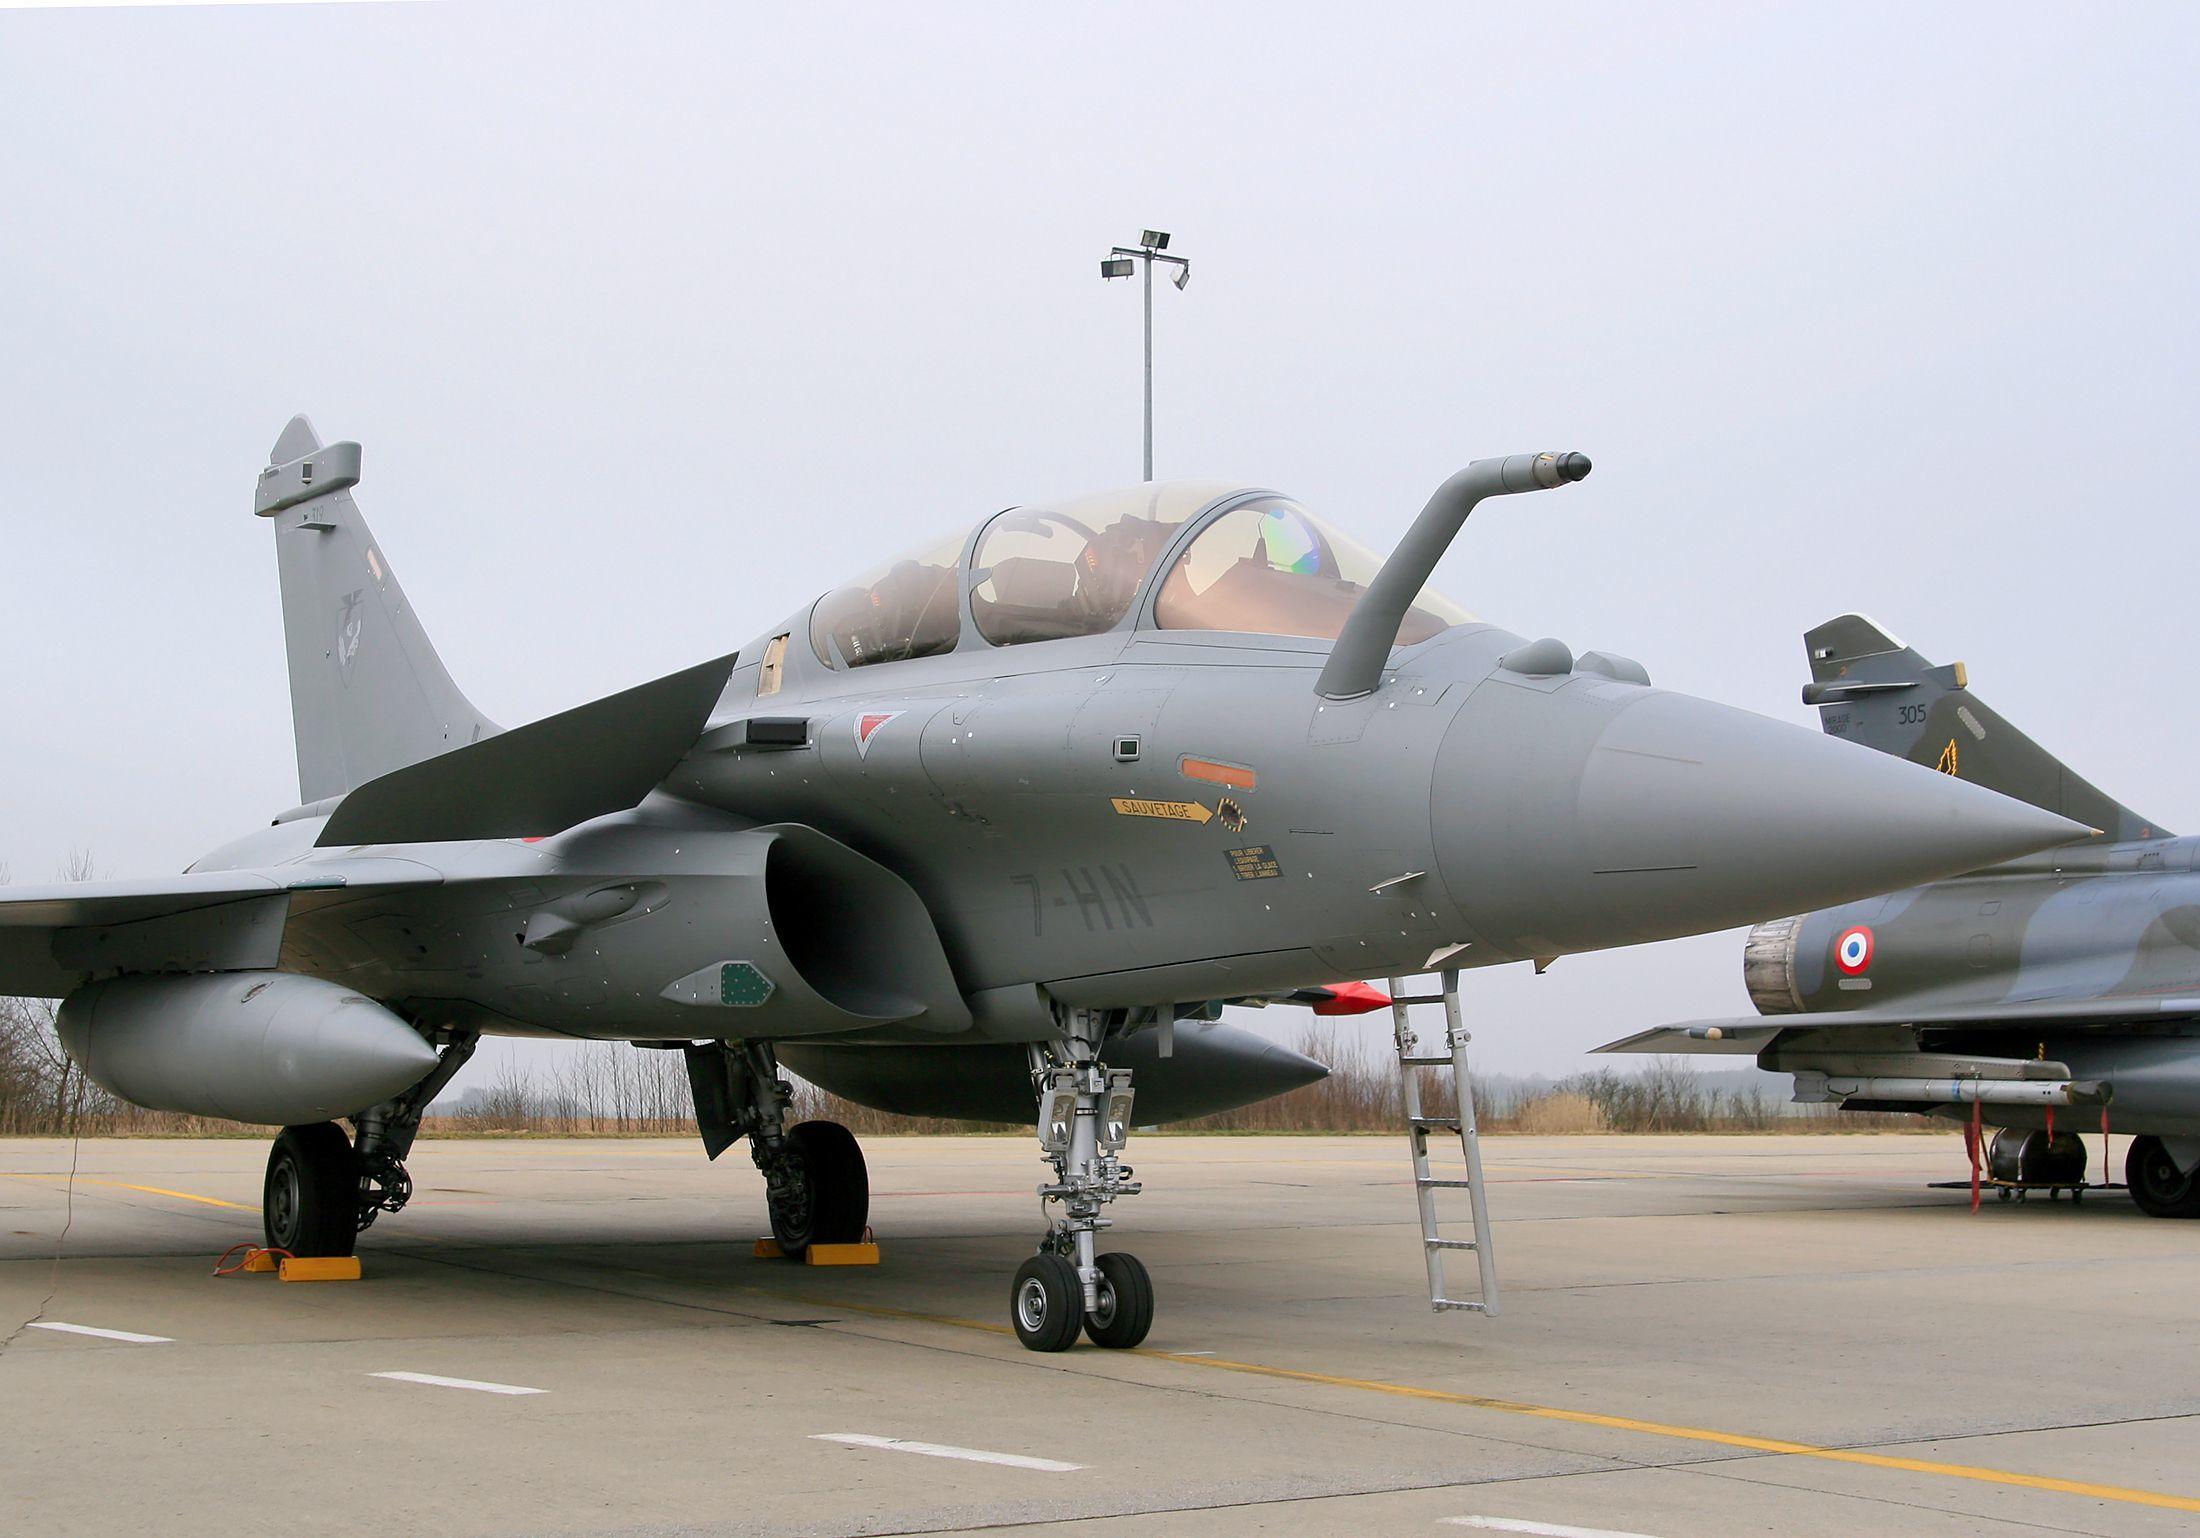 """Des Rafale de l'armée française ont bombardé et détruit jeudi des caches de Daech dans le nord-est de l'Irak dans le cadre de l'opération """"Chammal"""", a annoncé vendredi le ministère des Armées."""